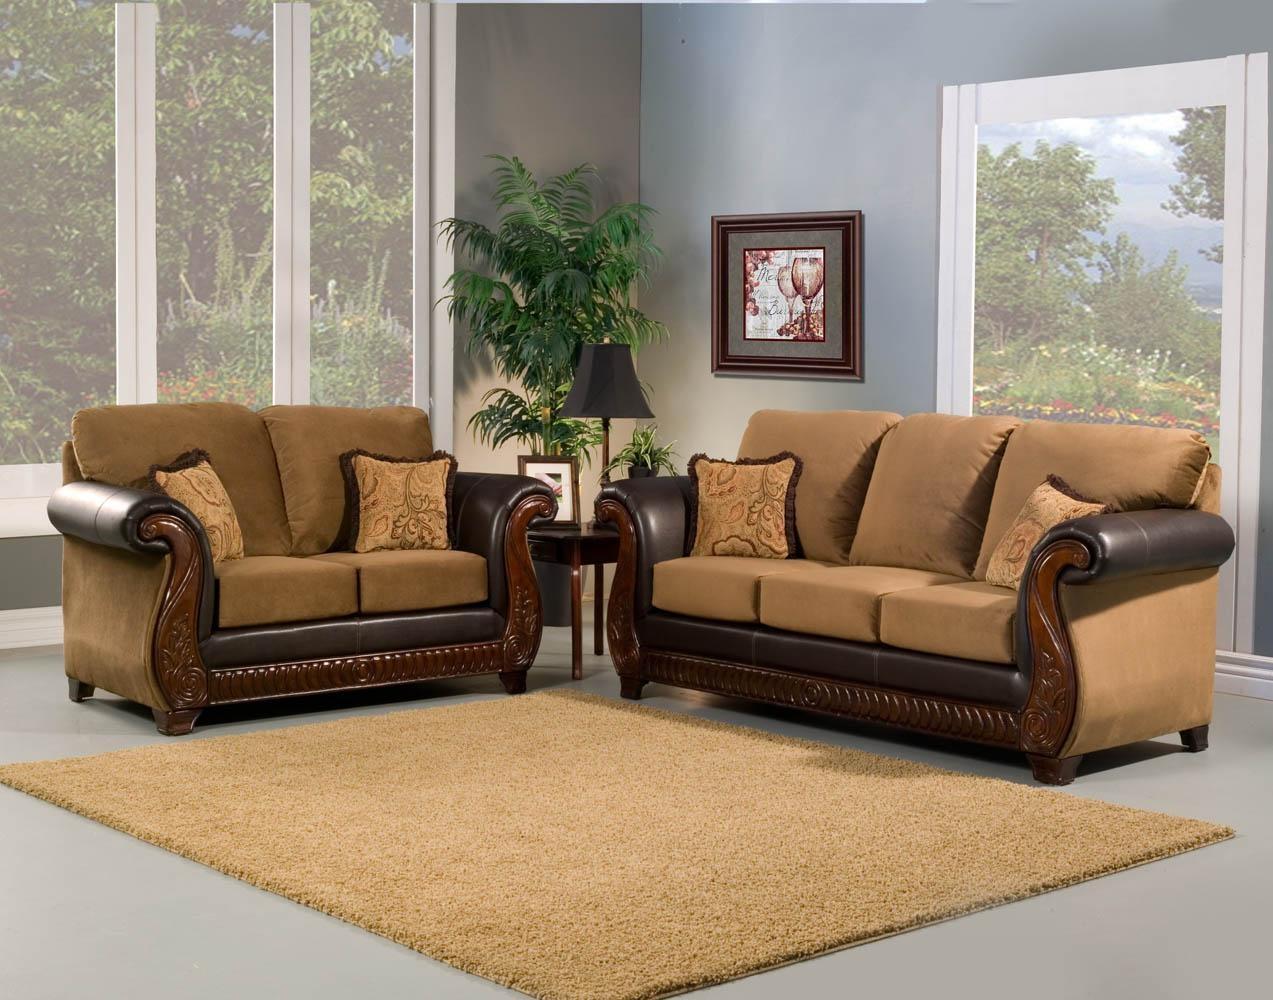 Sofas Center : 33 Fearsome 2 Piece Sofa Set Photo Ideas Throughout 2 Piece Sofas (Image 19 of 20)